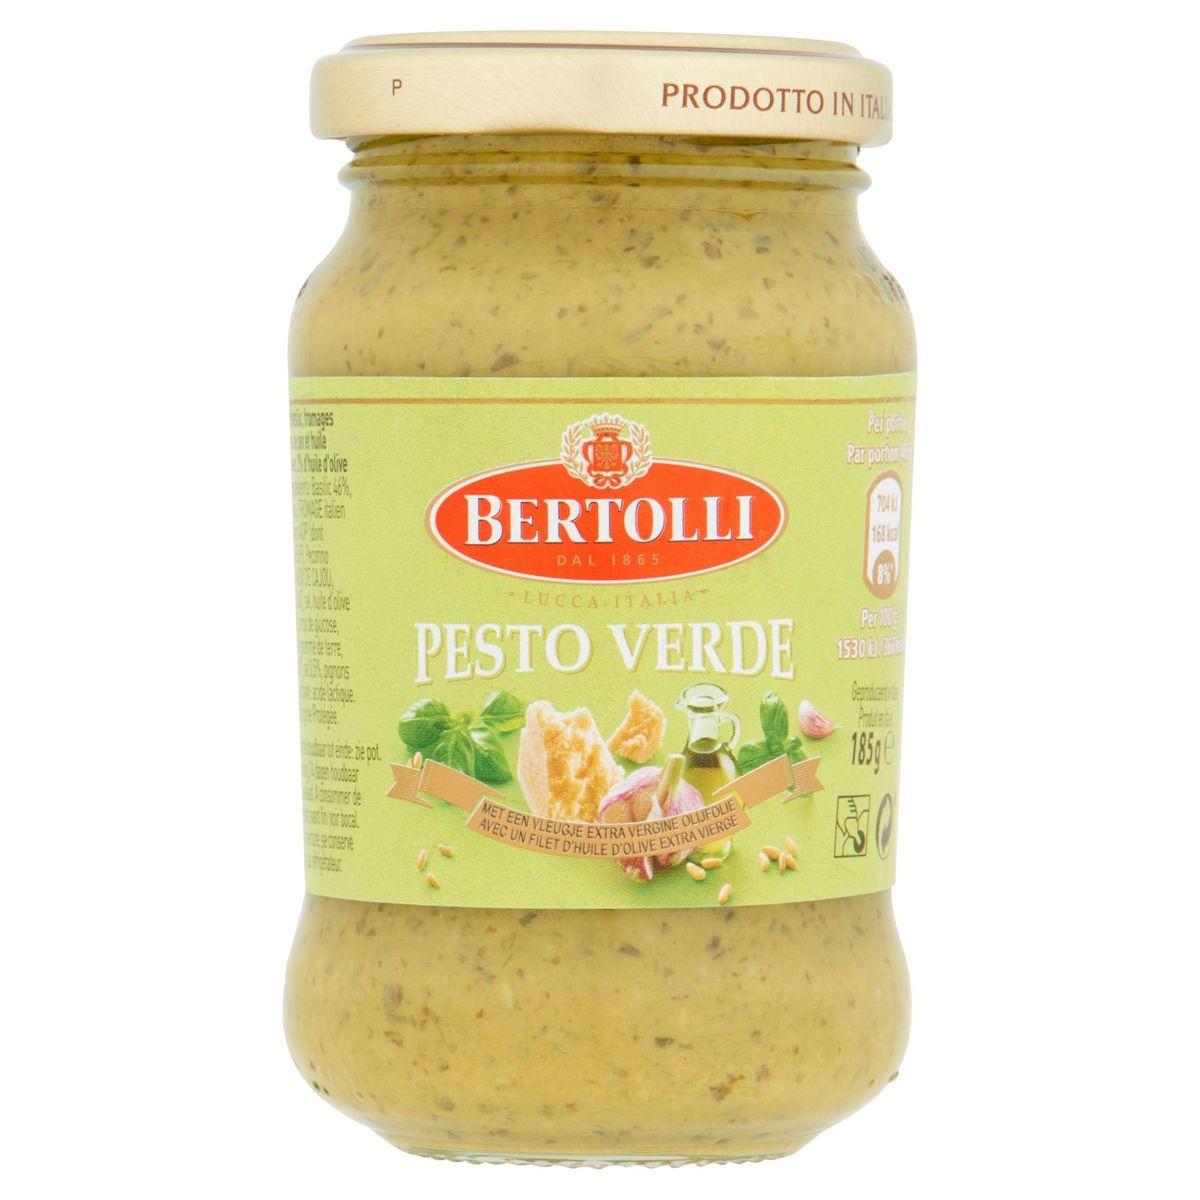 Bertolli Pesto Verde 185 g